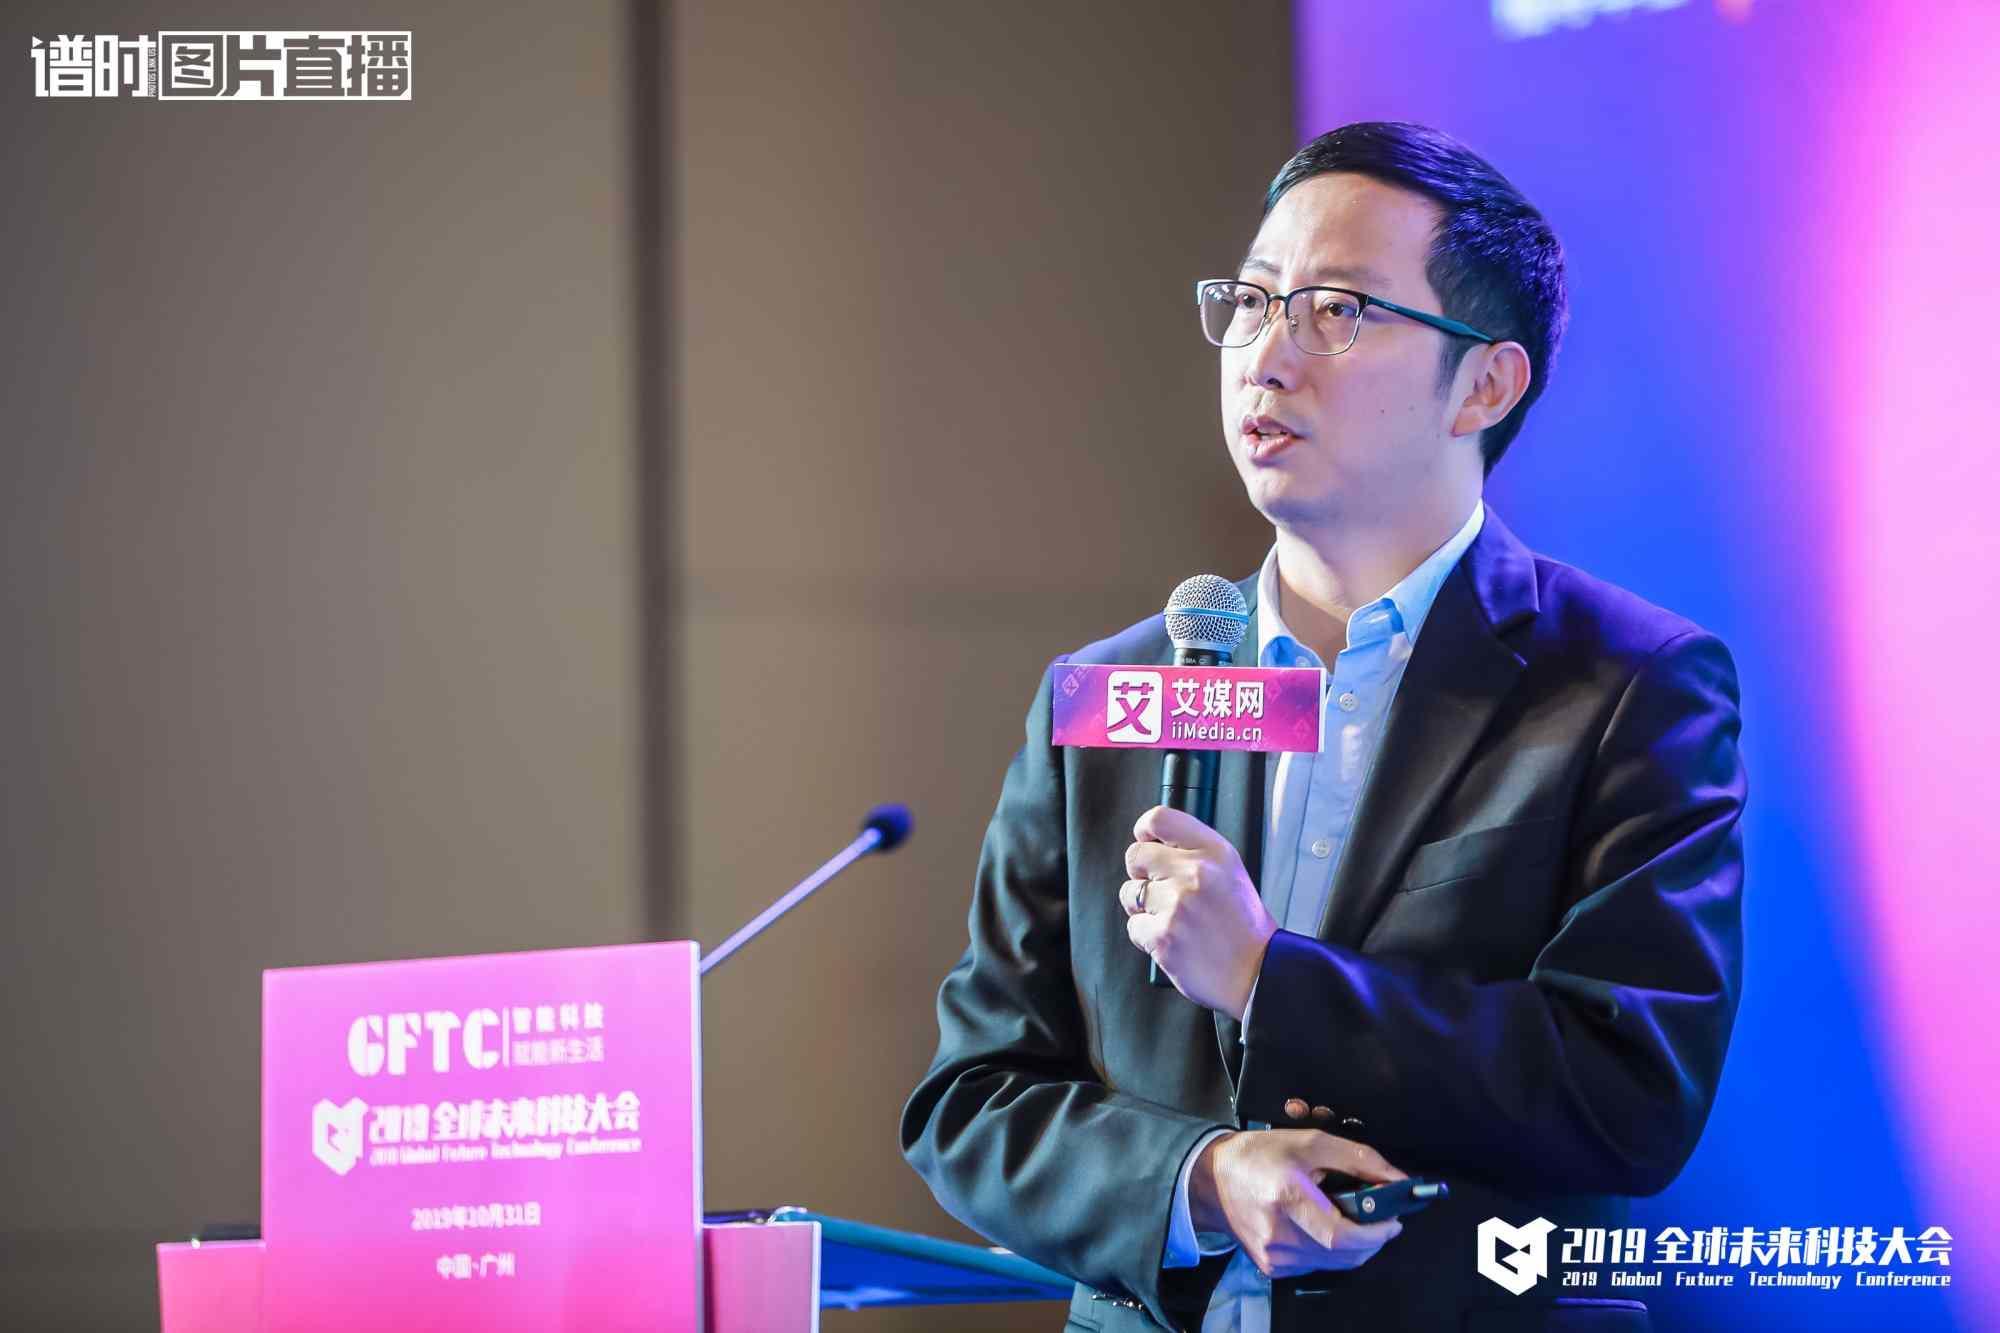 广东移动云计算和大数据公司总经理宋坤:5G时代云边协同下的大数据应用